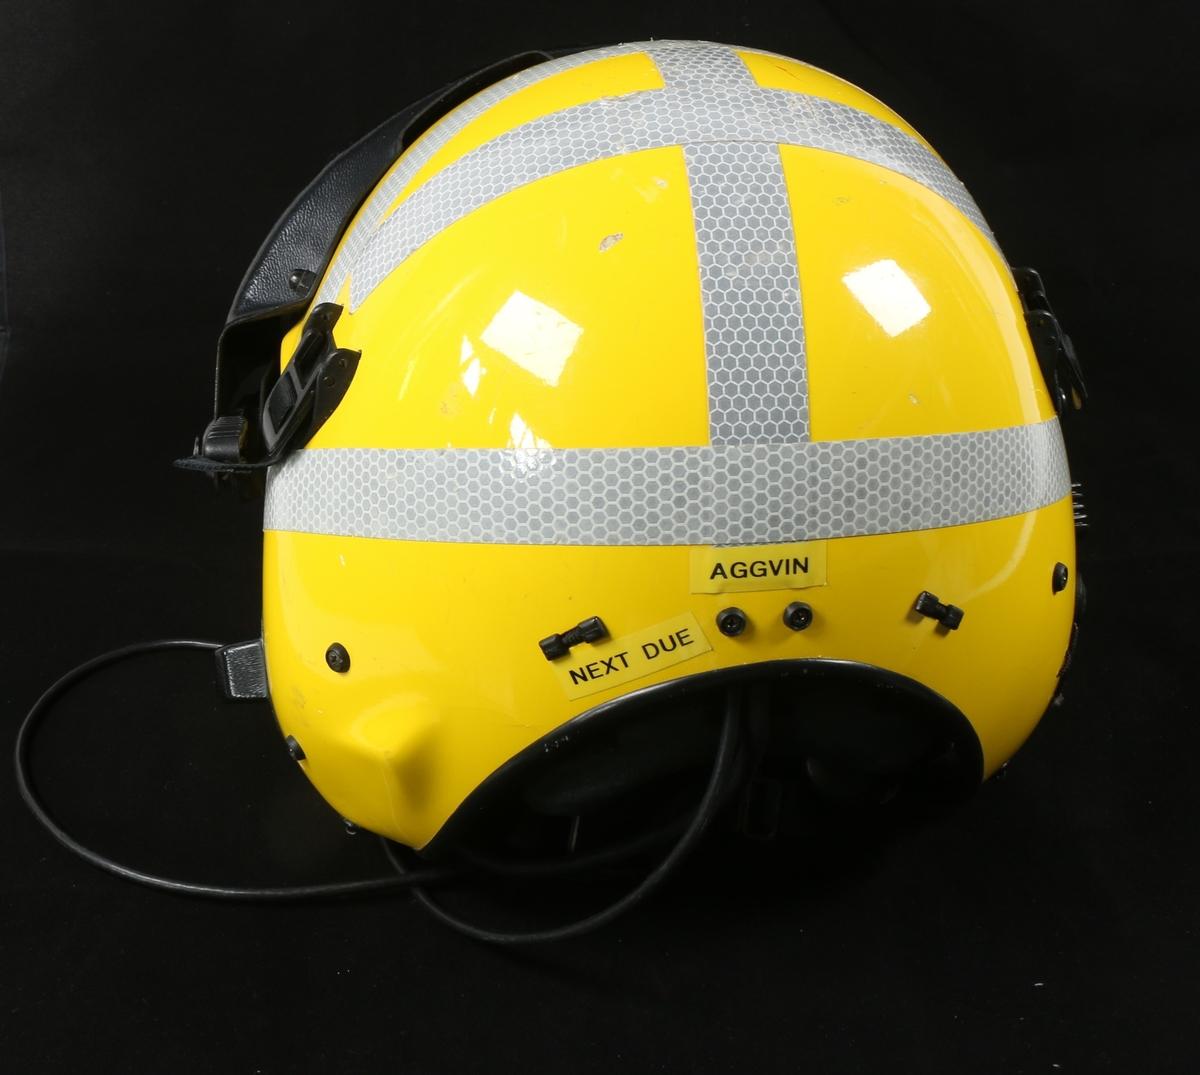 Påført refleks tape og gul maling for synlighet i vann om natten